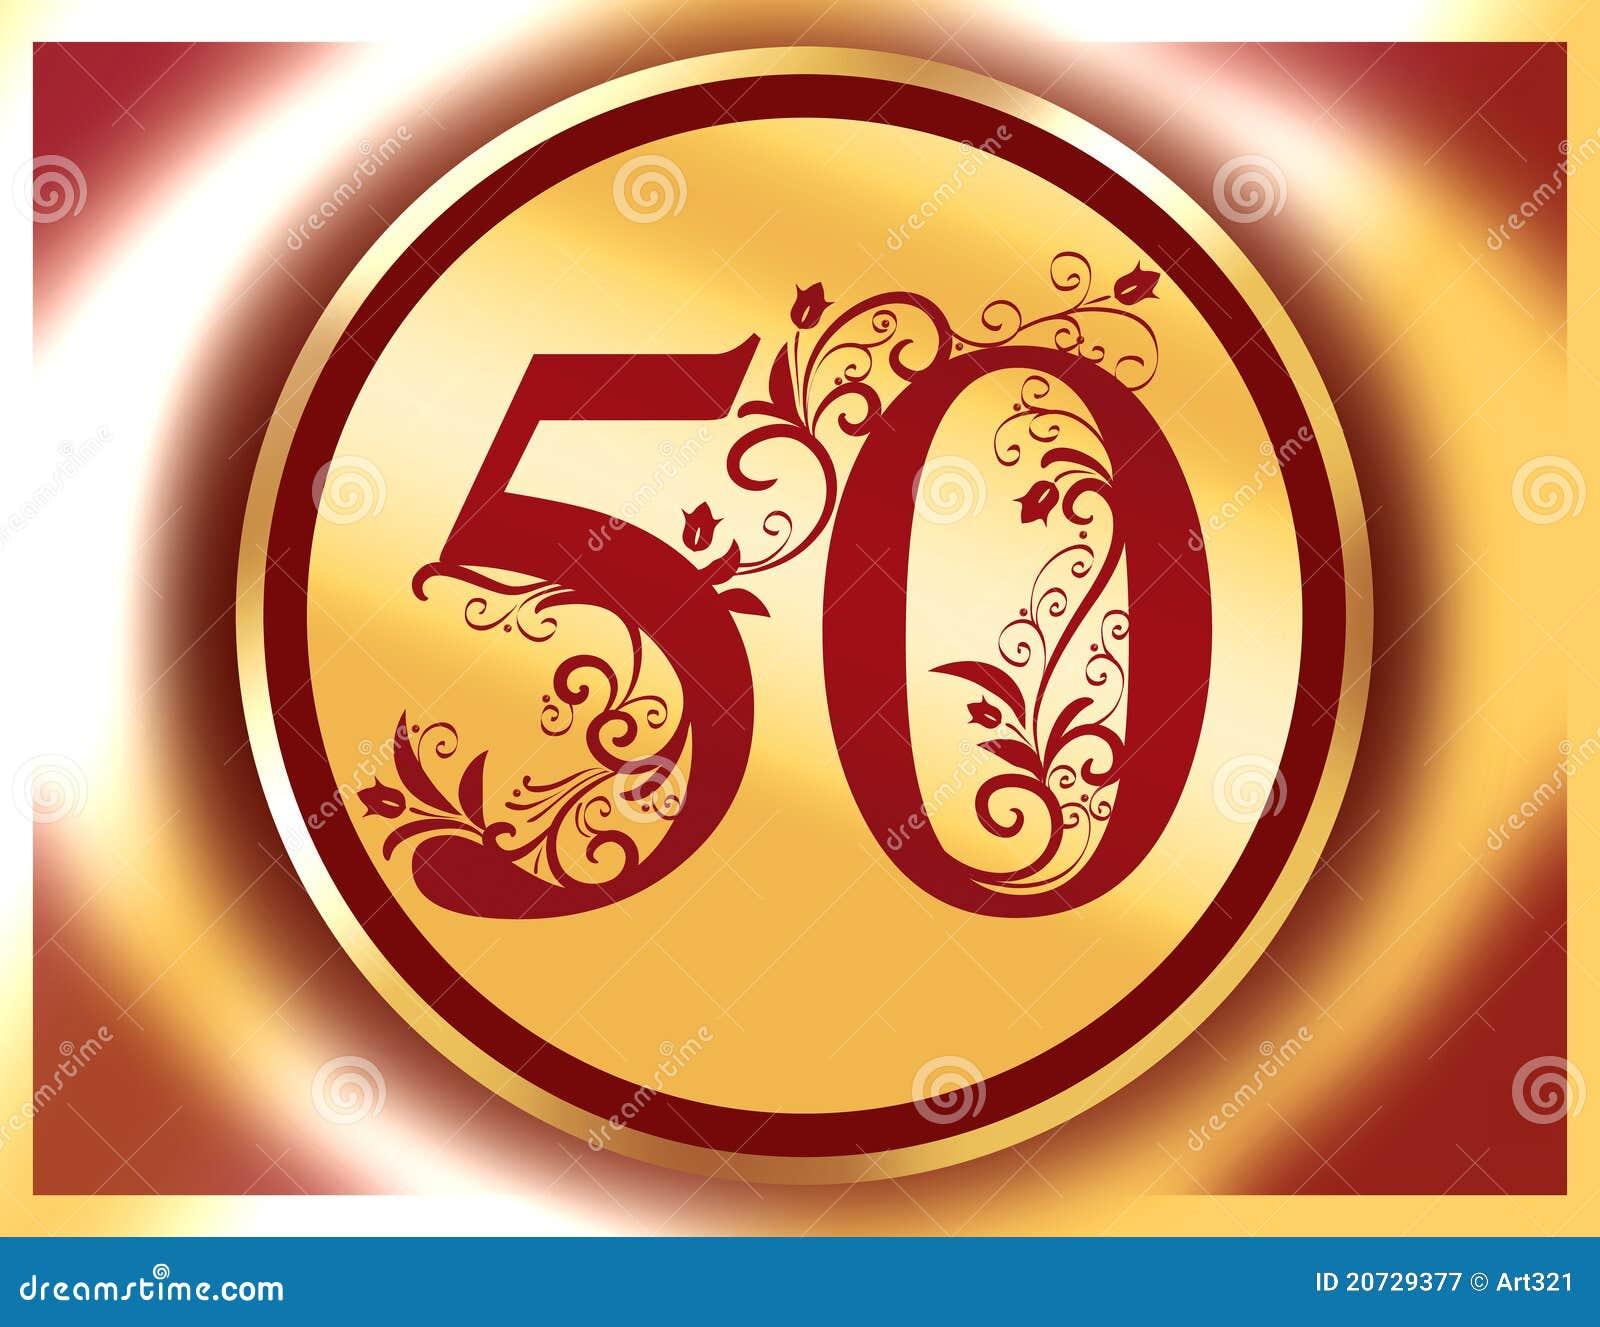 Поздравления с днем рождения мужчине 50 лет картинки